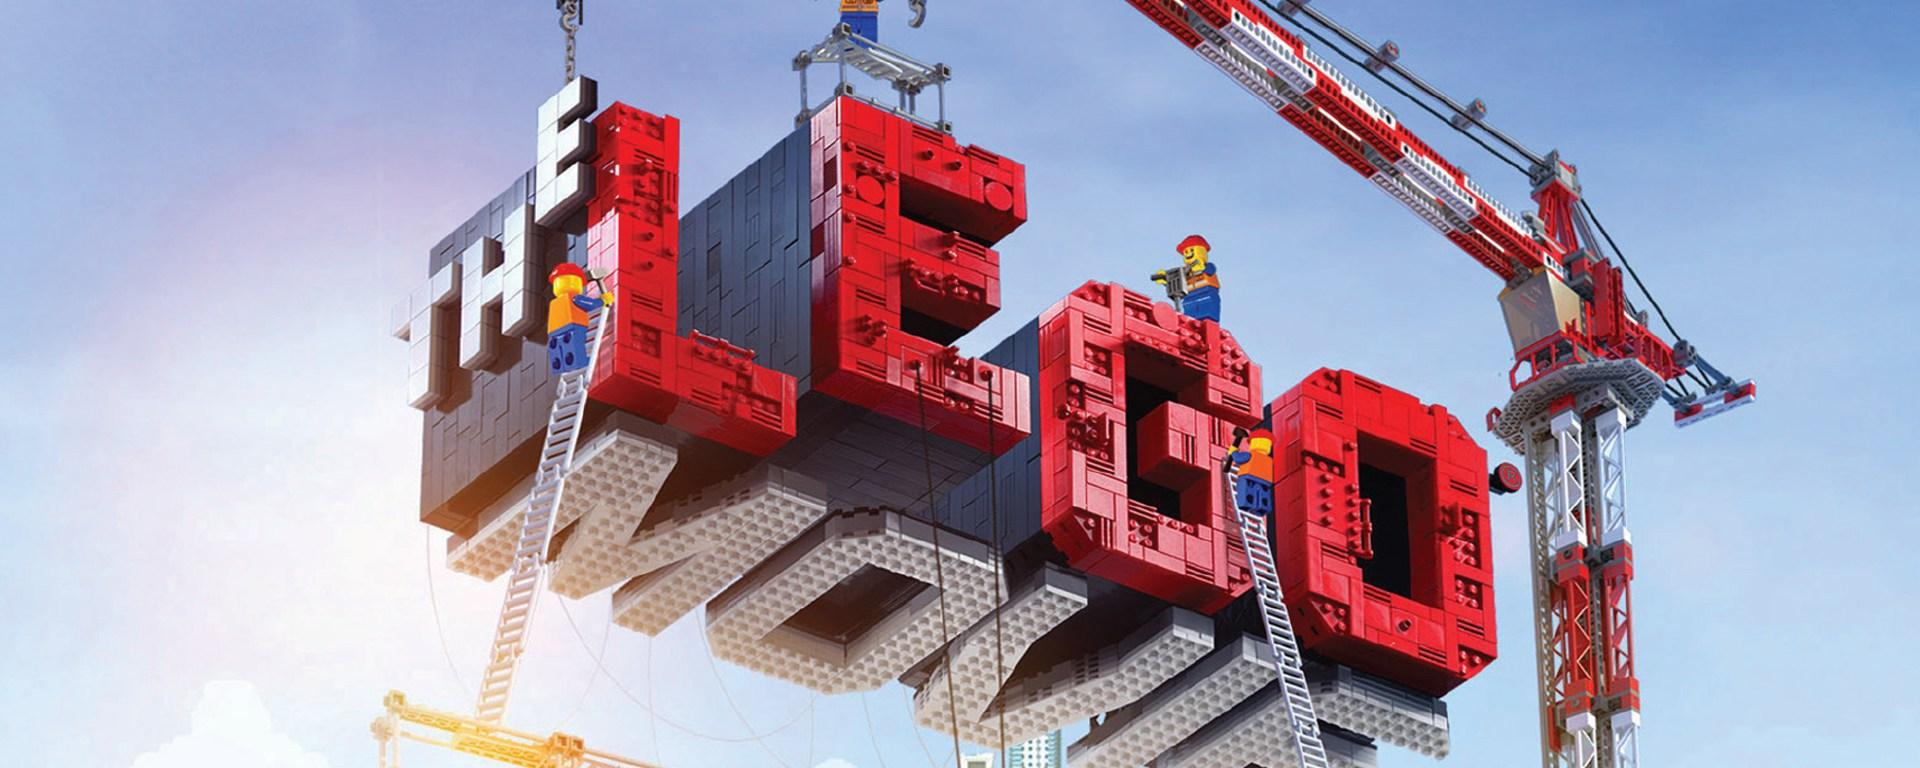 Lego_E-NewsBlog (2)